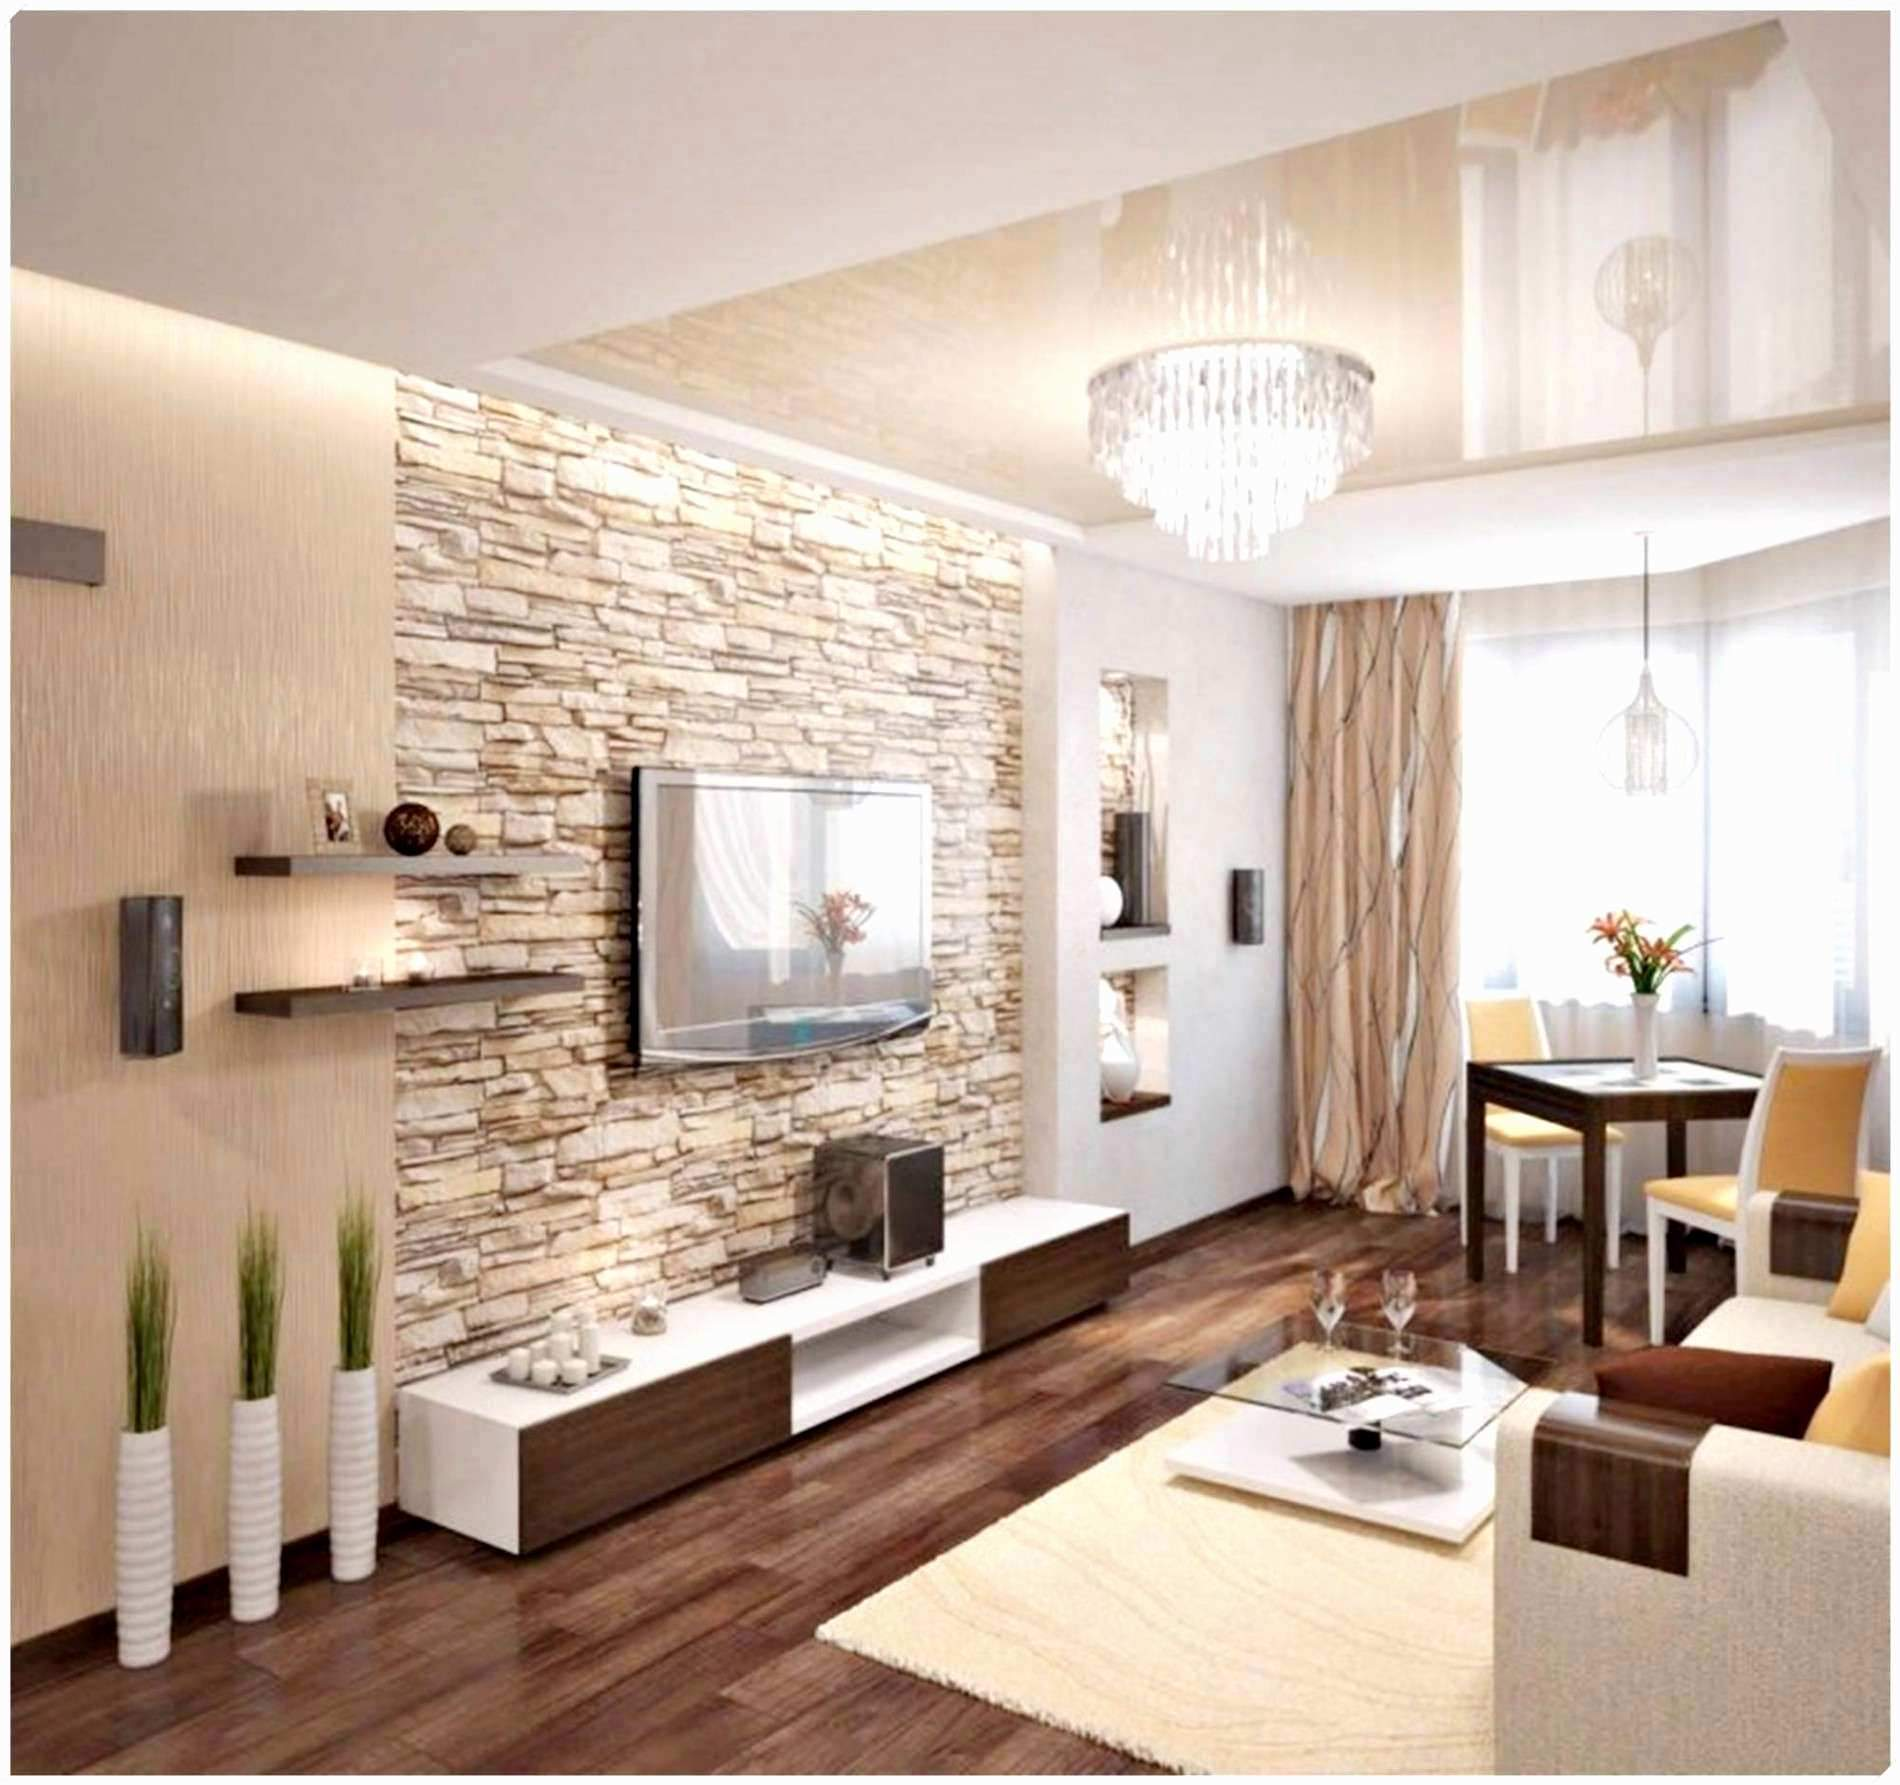 Full Size of Tapeten Ideen Wohnzimmer Modern Elegant Elegante Für Küche Schlafzimmer Bad Renovieren Fototapeten Die Wohnzimmer Tapeten Ideen